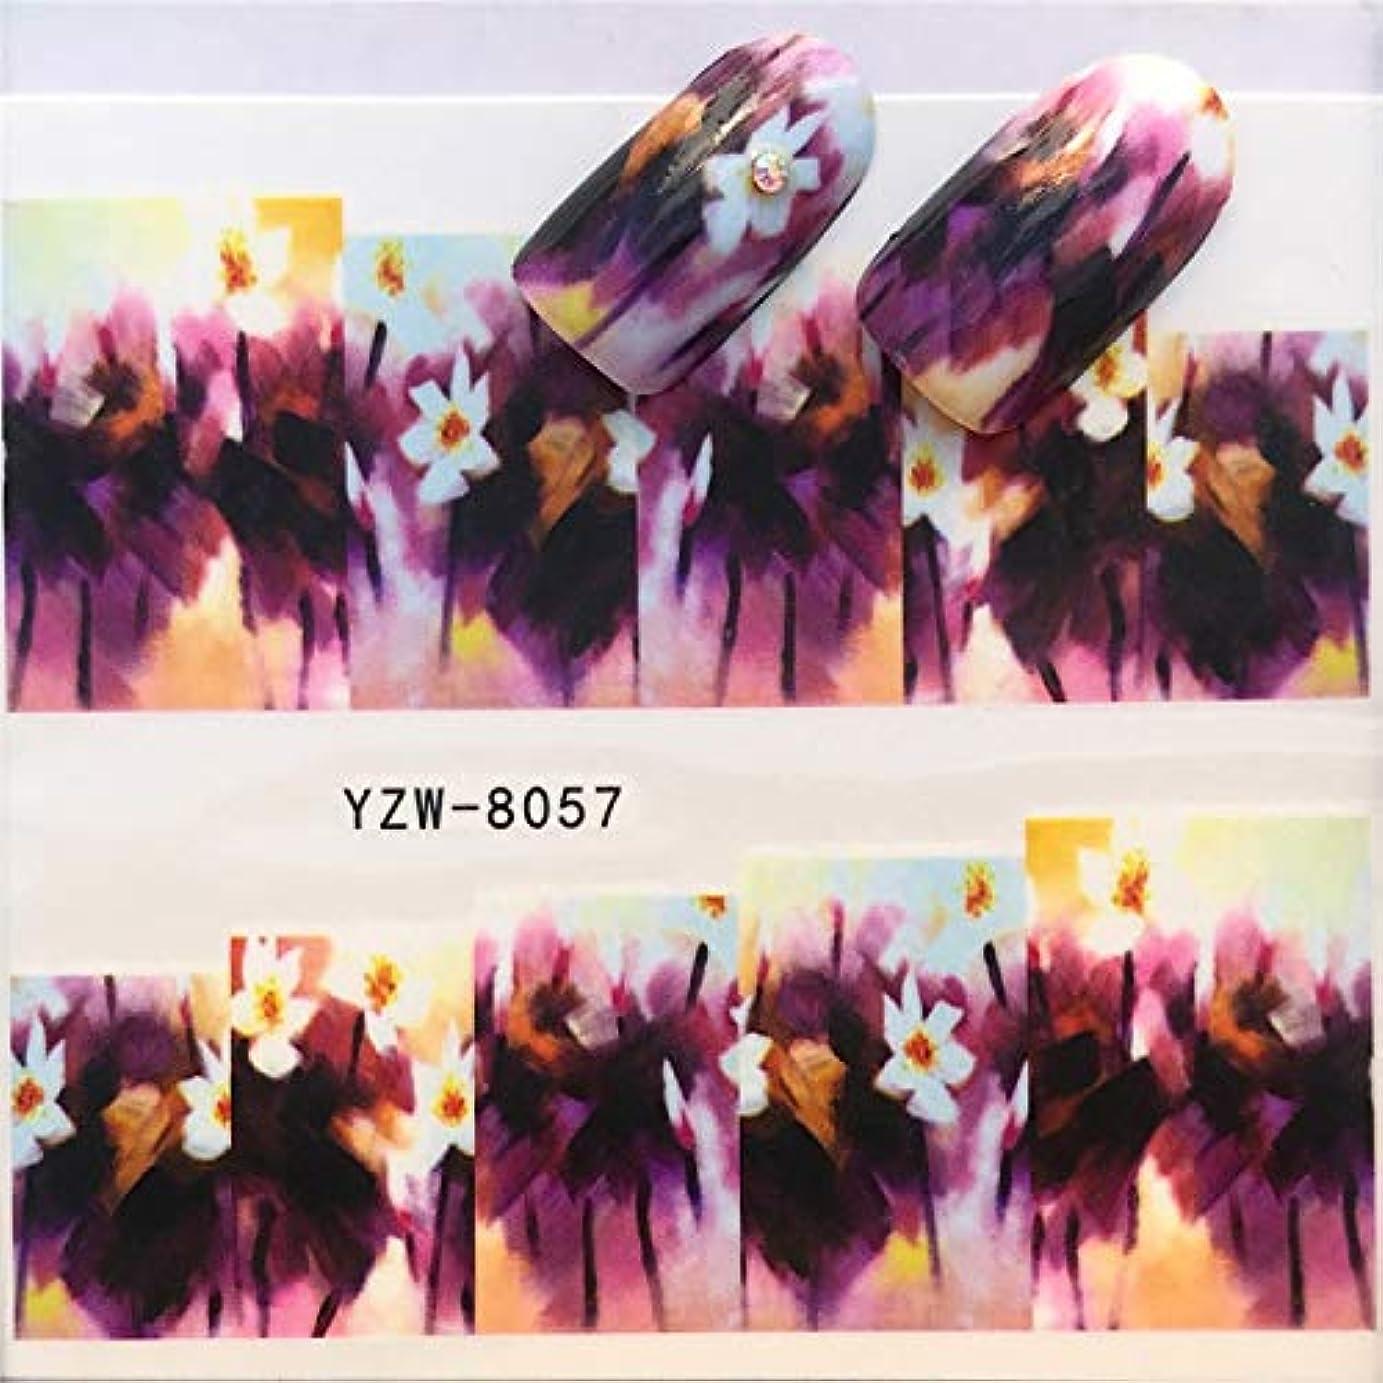 Yan 3個ネイルステッカーセットデカール水転写スライダーネイルアートデコレーション、色:YZW 8057